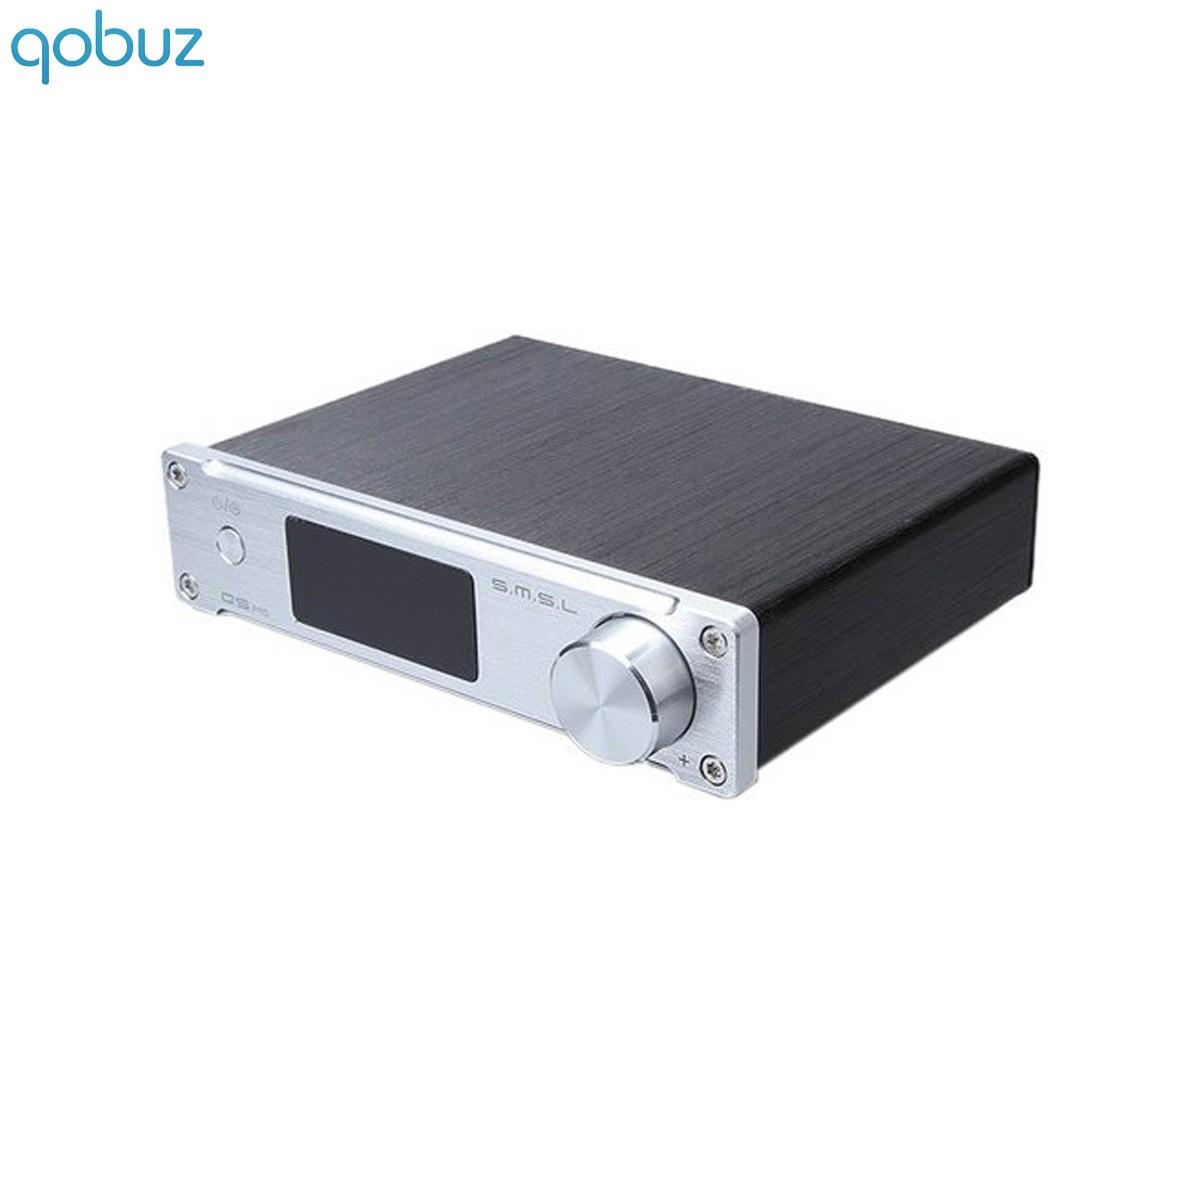 SMSL Q5 PRO Amplificateur FDA TAS5342 2x45W + sortie Subwoofer 4 Ohm CS5341 SA9023 Argent